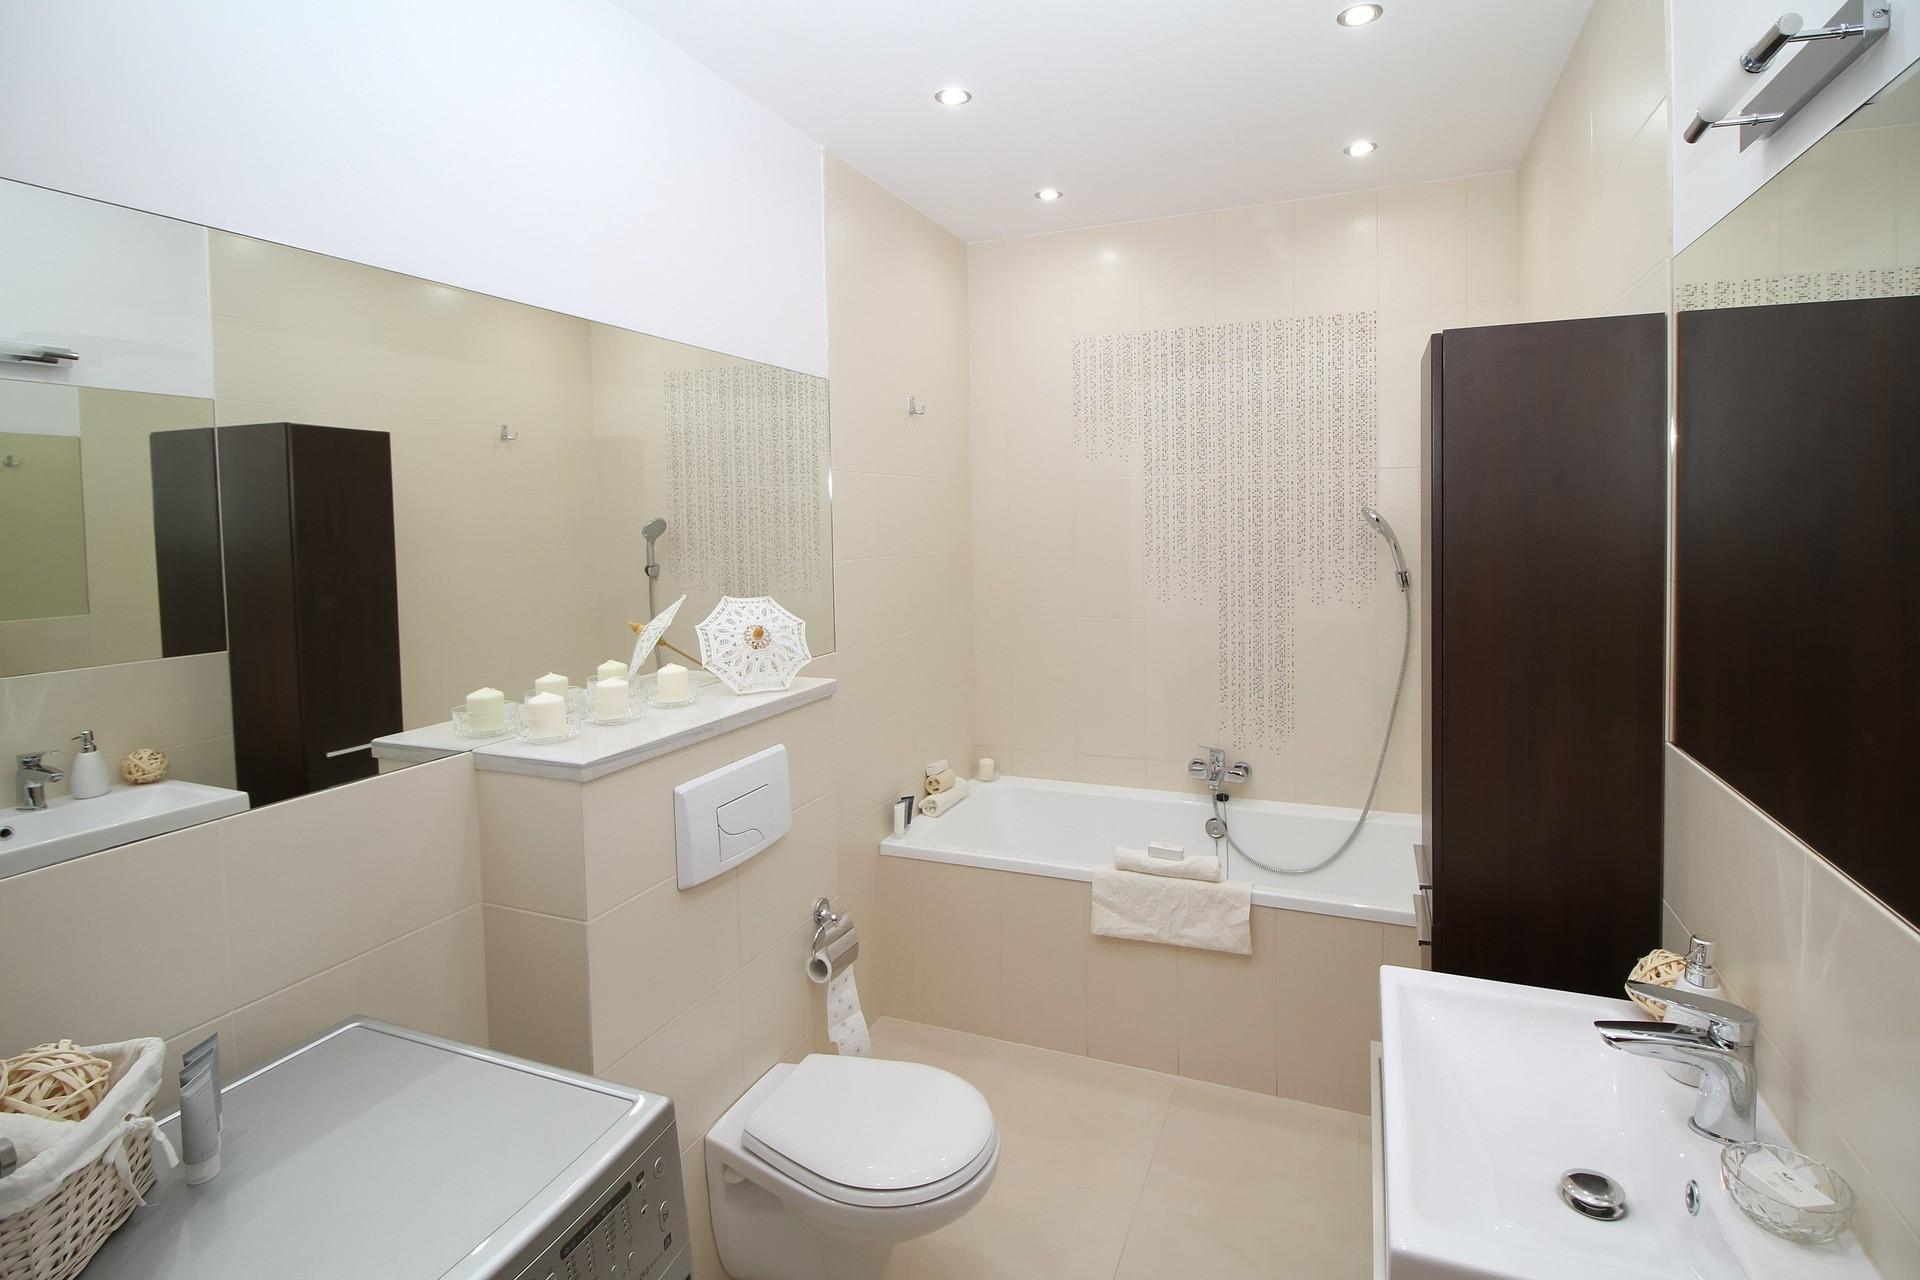 Plomberie Salle De Bain Sous Sol 5 étapes pour aménager une salle de bain au sous-sol